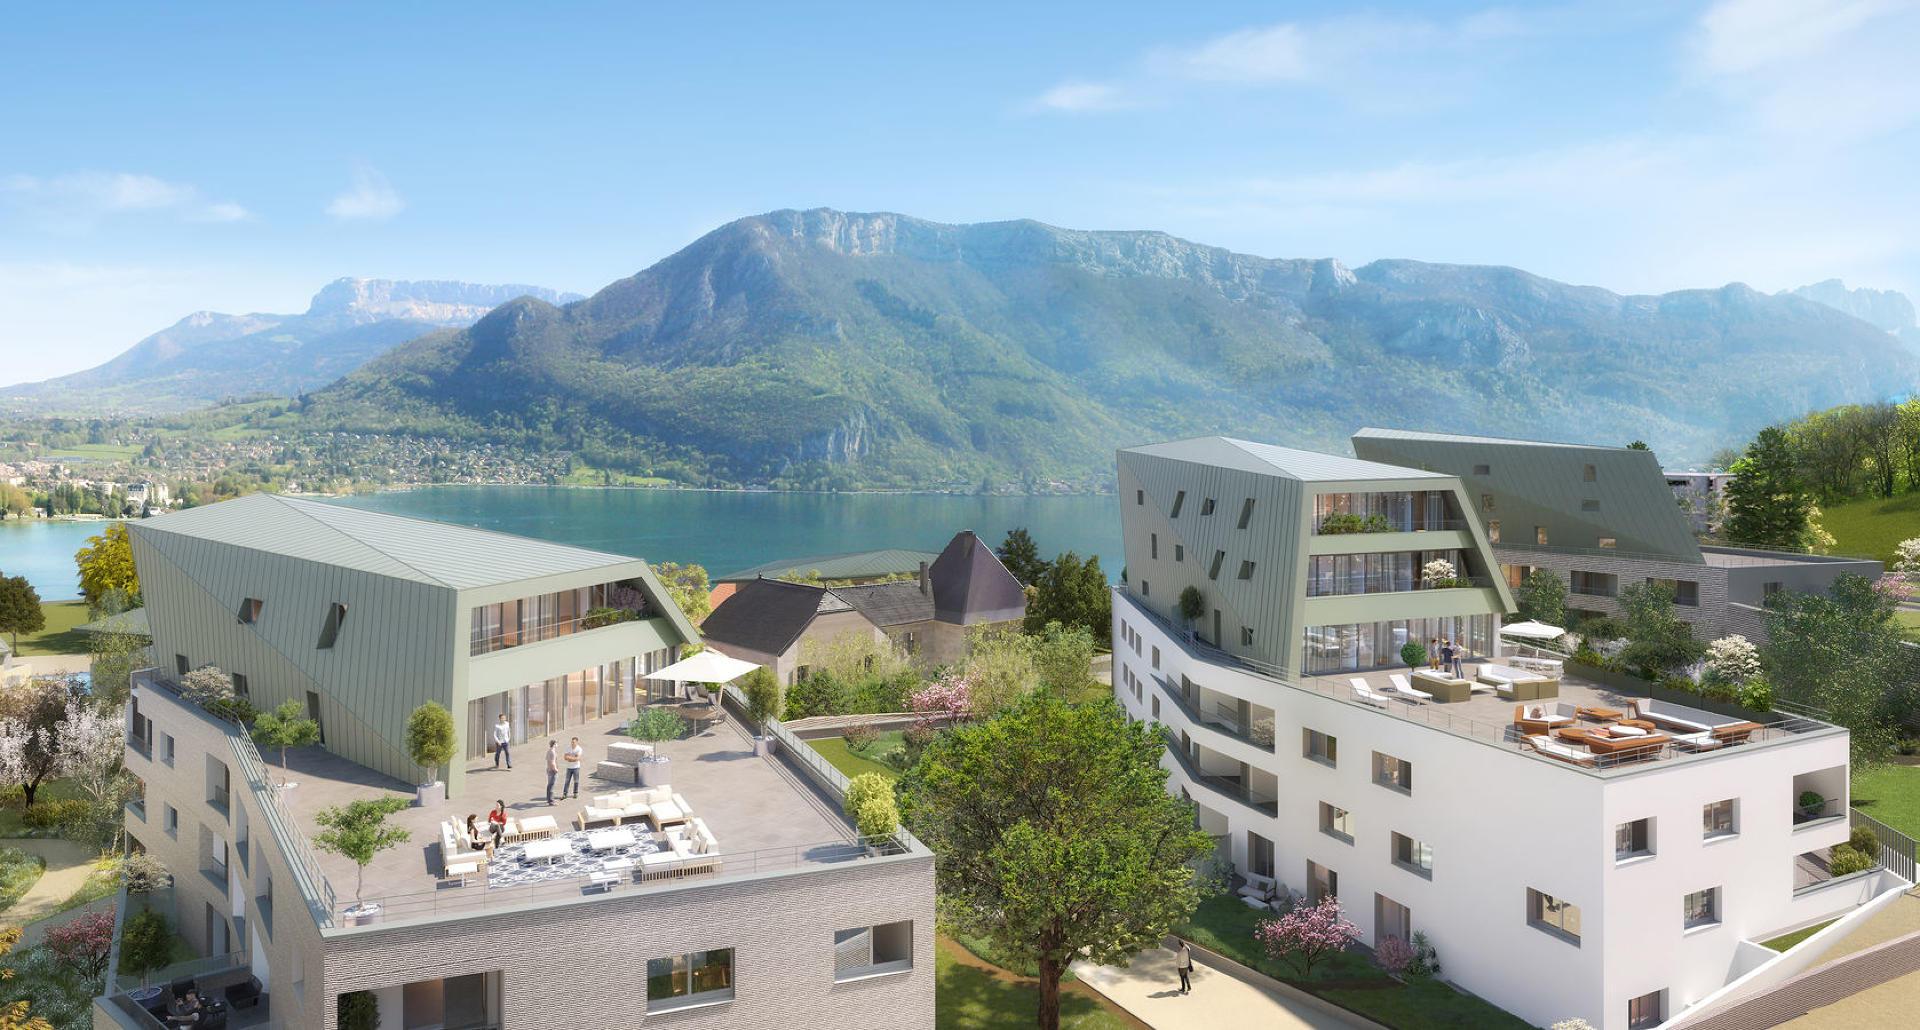 Programme immobilier Annecy (74940) Au bord du lac d'Annecy VAL53